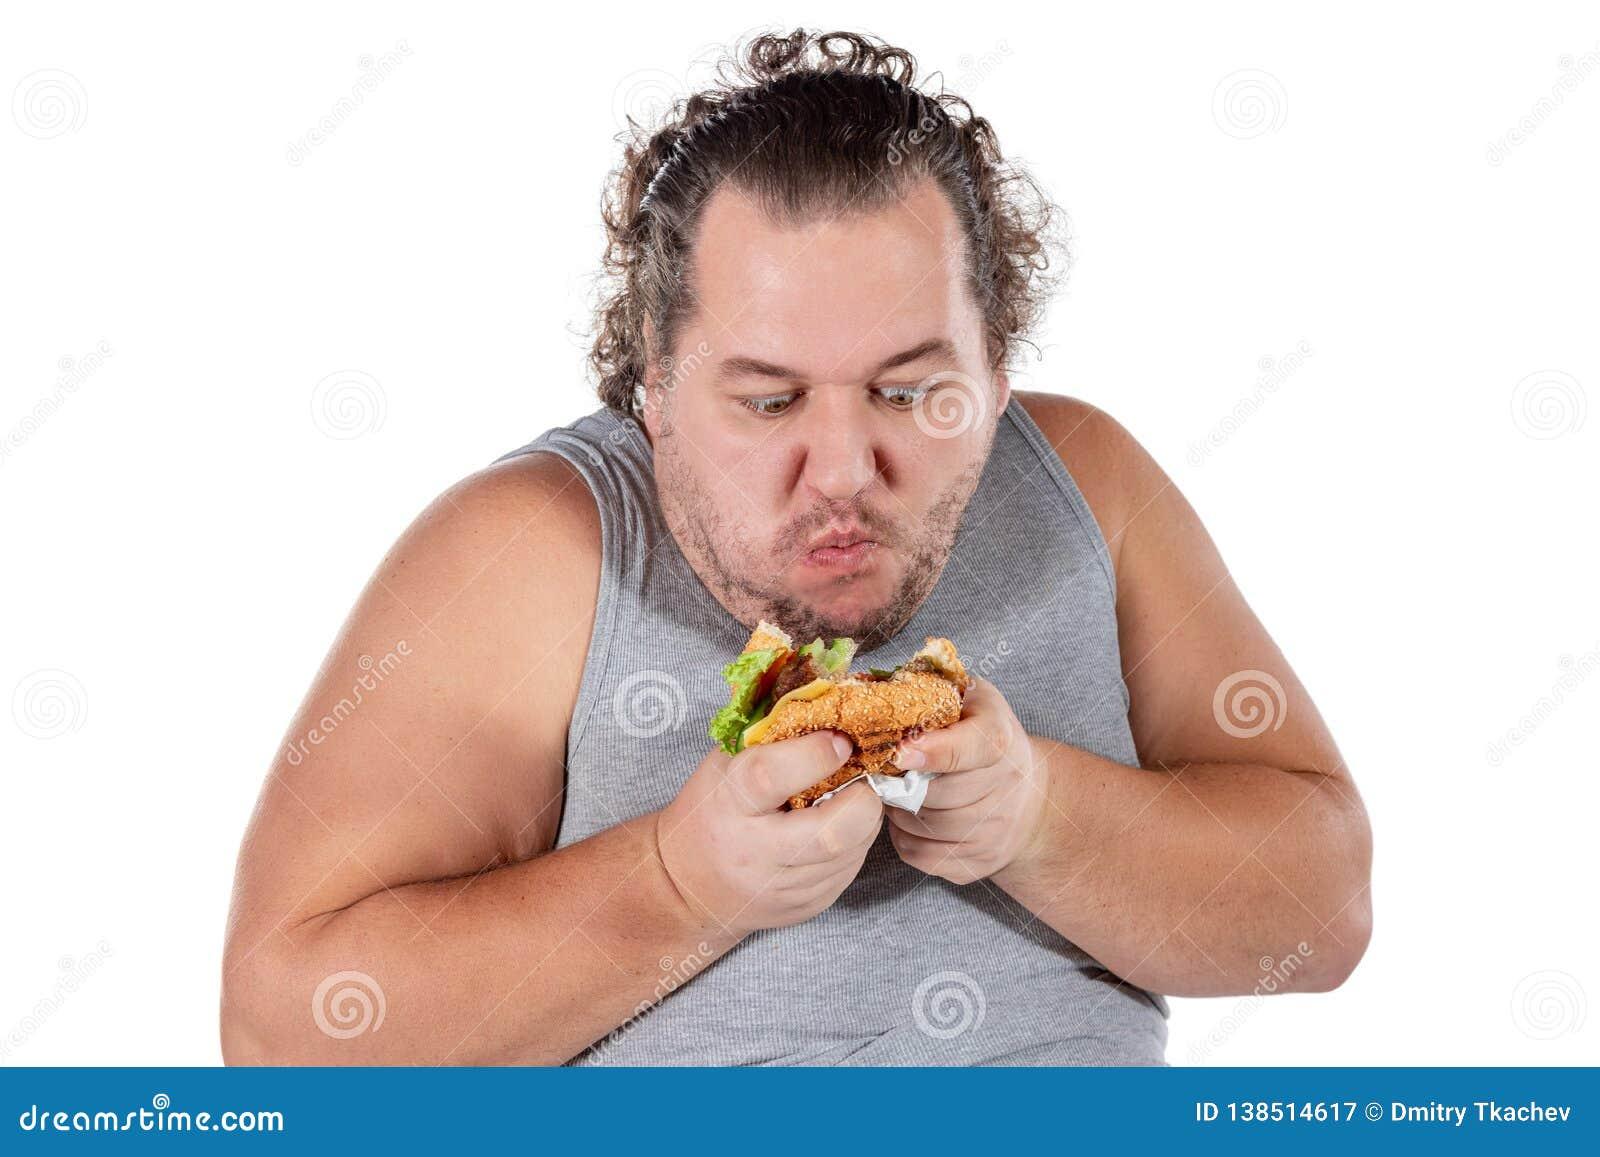 Ritratto dell hamburger mangiatore di uomini grasso divertente degli alimenti a rapida preparazione isolato su fondo bianco